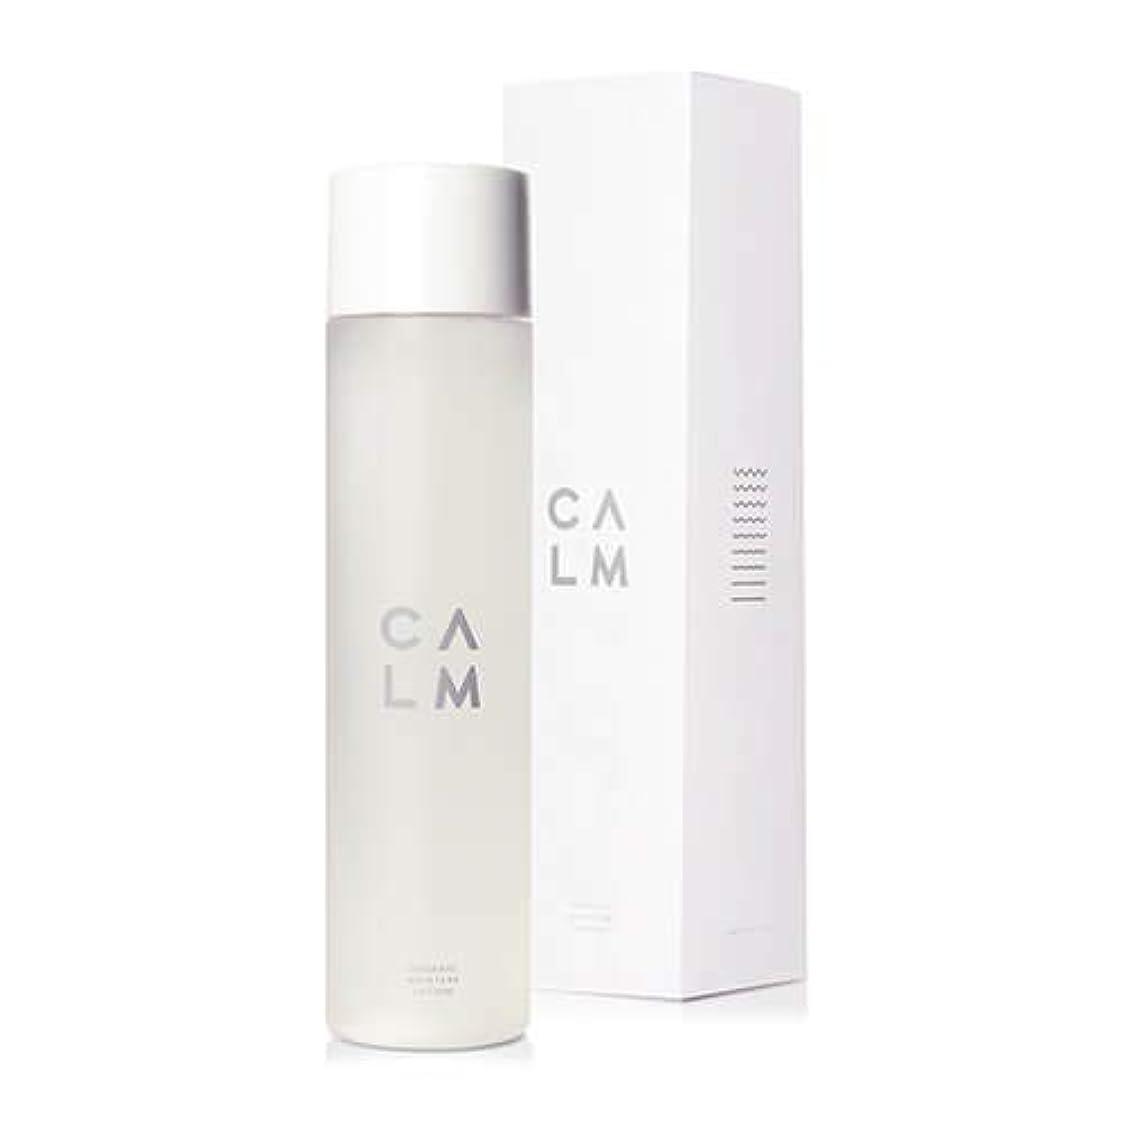 こんにちは一掃する最少カーム CALM モイスチャーローション (化粧水) 150ml